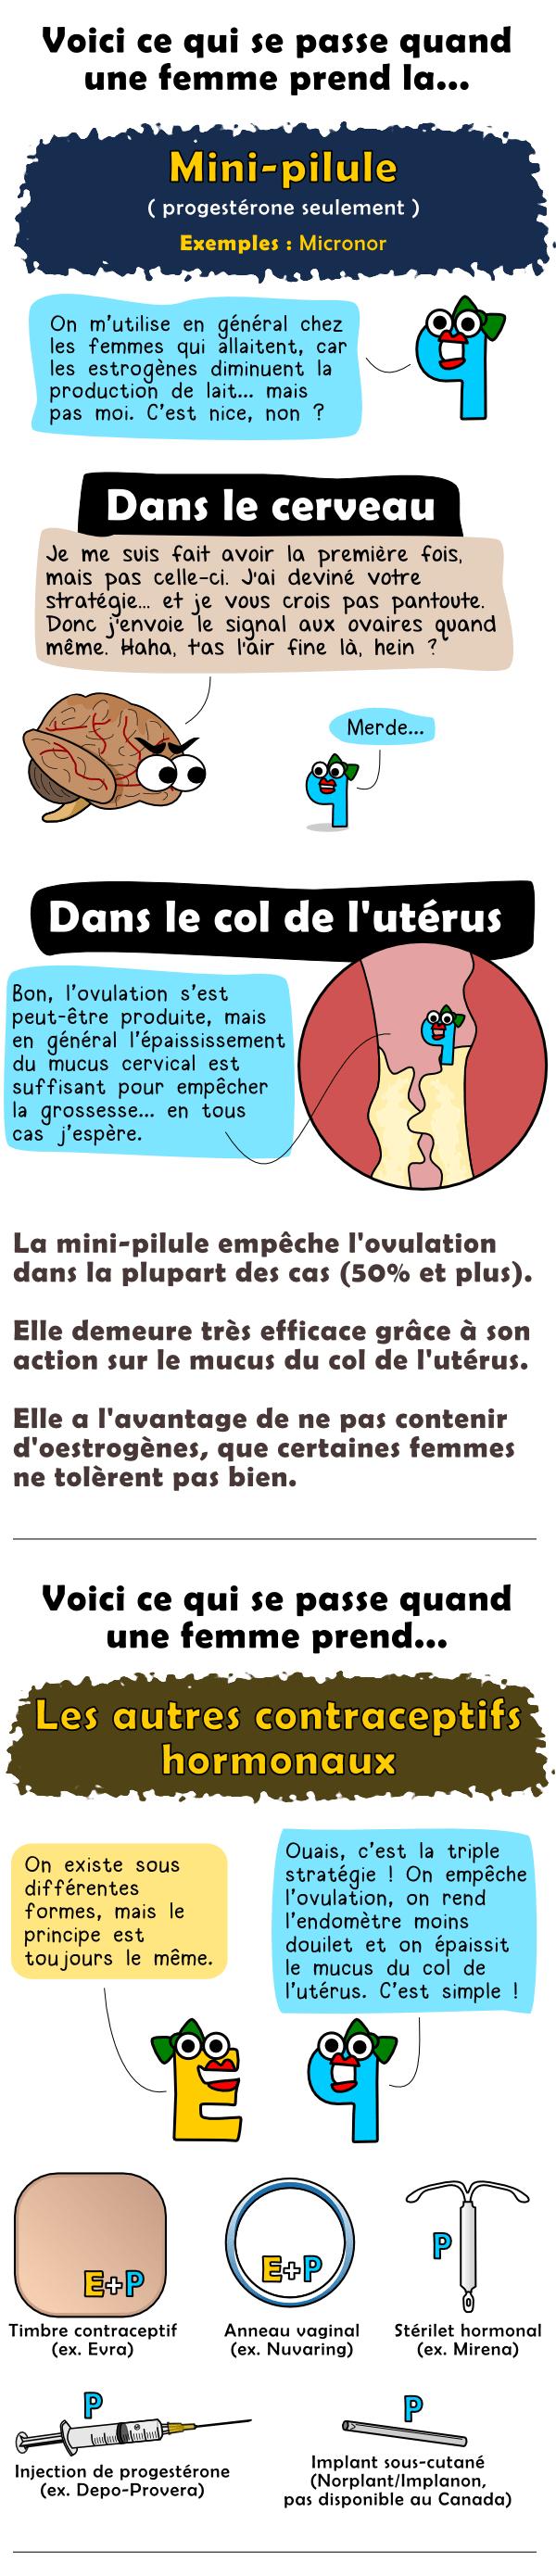 La mini-pilule (progestérone seulement) et les autres contraceptifs hormonaux